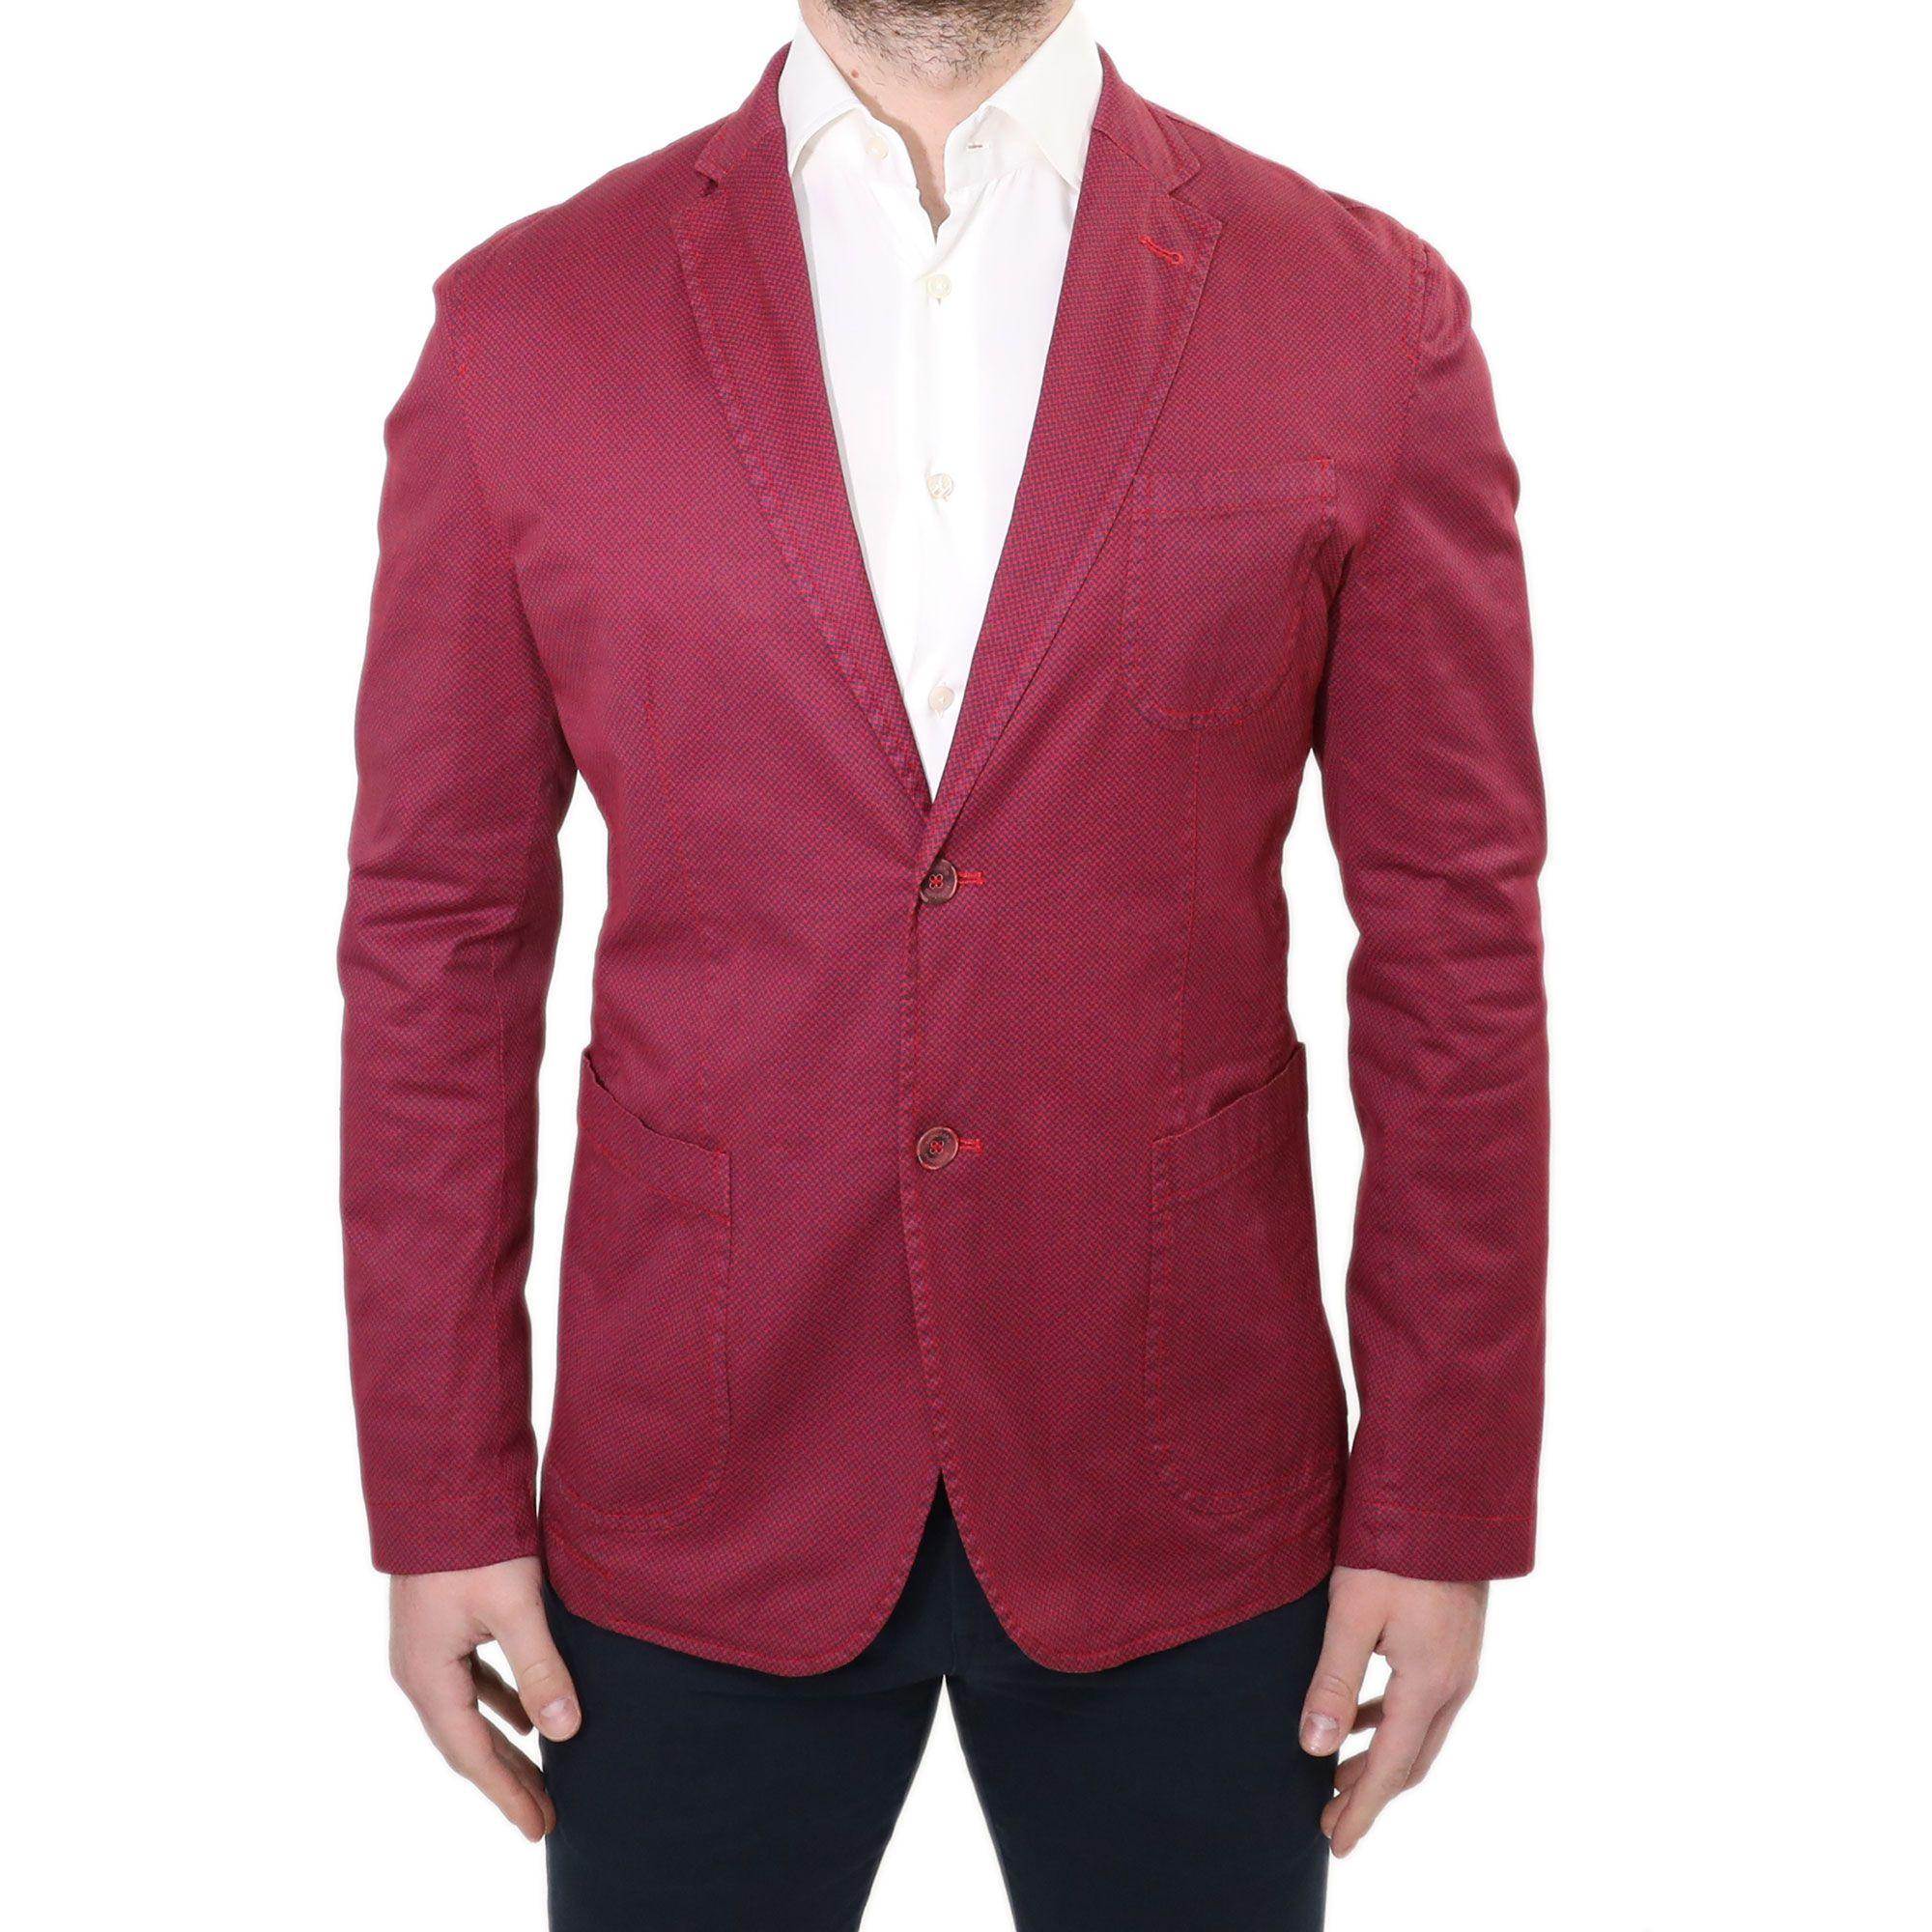 c79bb98a6b Giacca Uomo Elegante Blazer Slim Fit Sartoriale Rosso Casual Sportivo  Jacquard